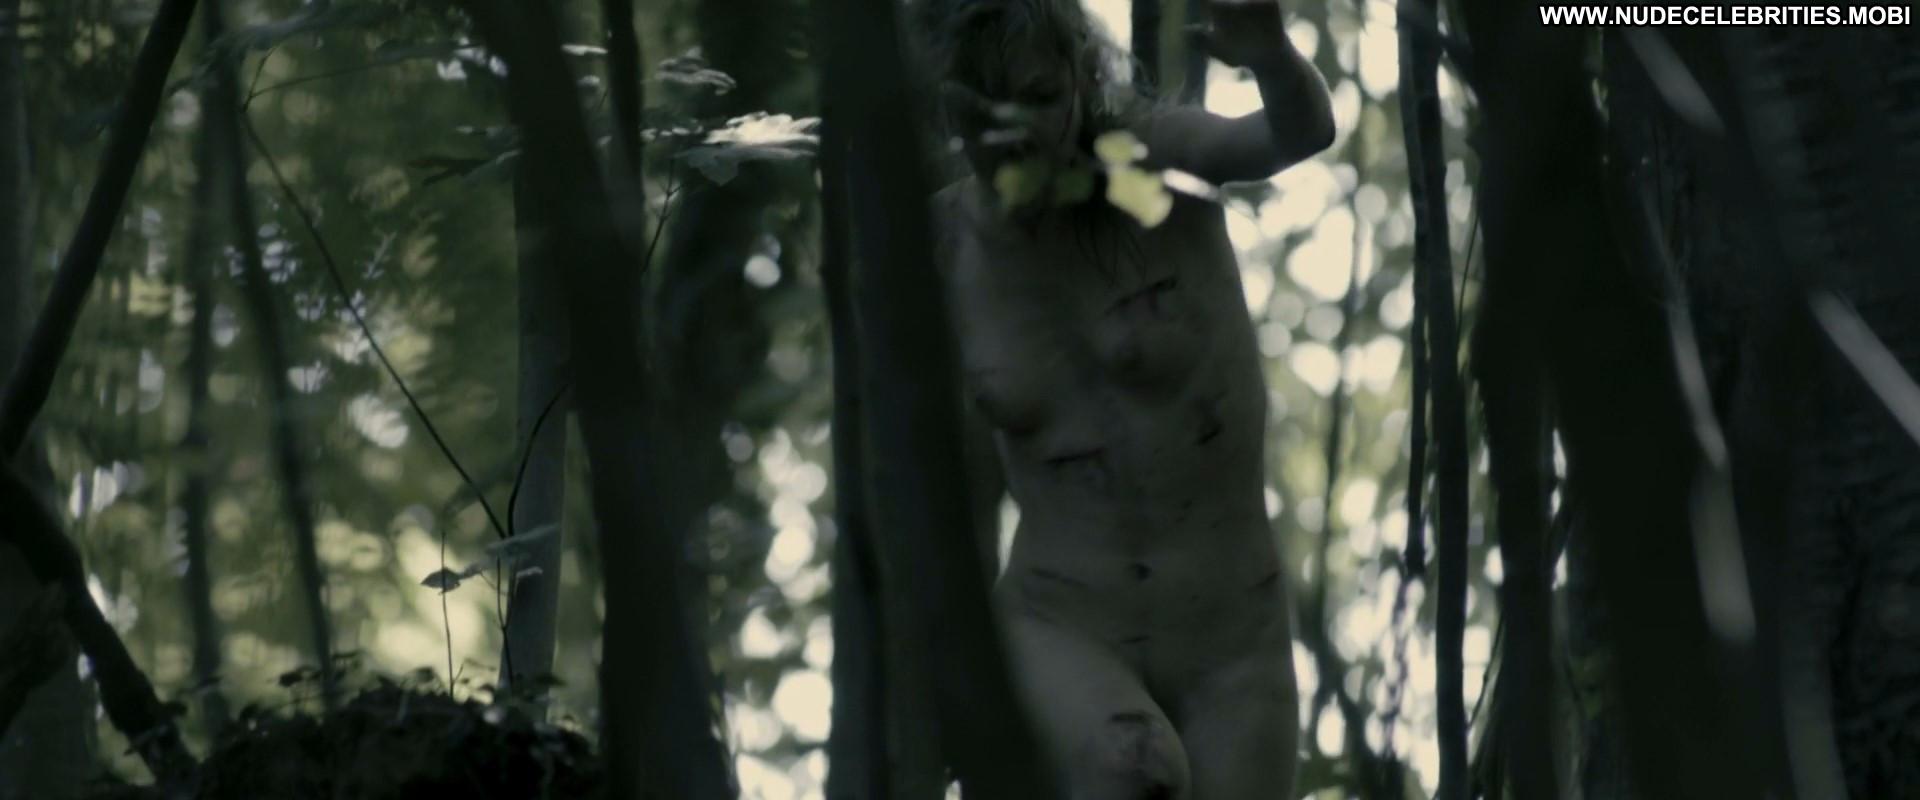 Géraldine martineau nude